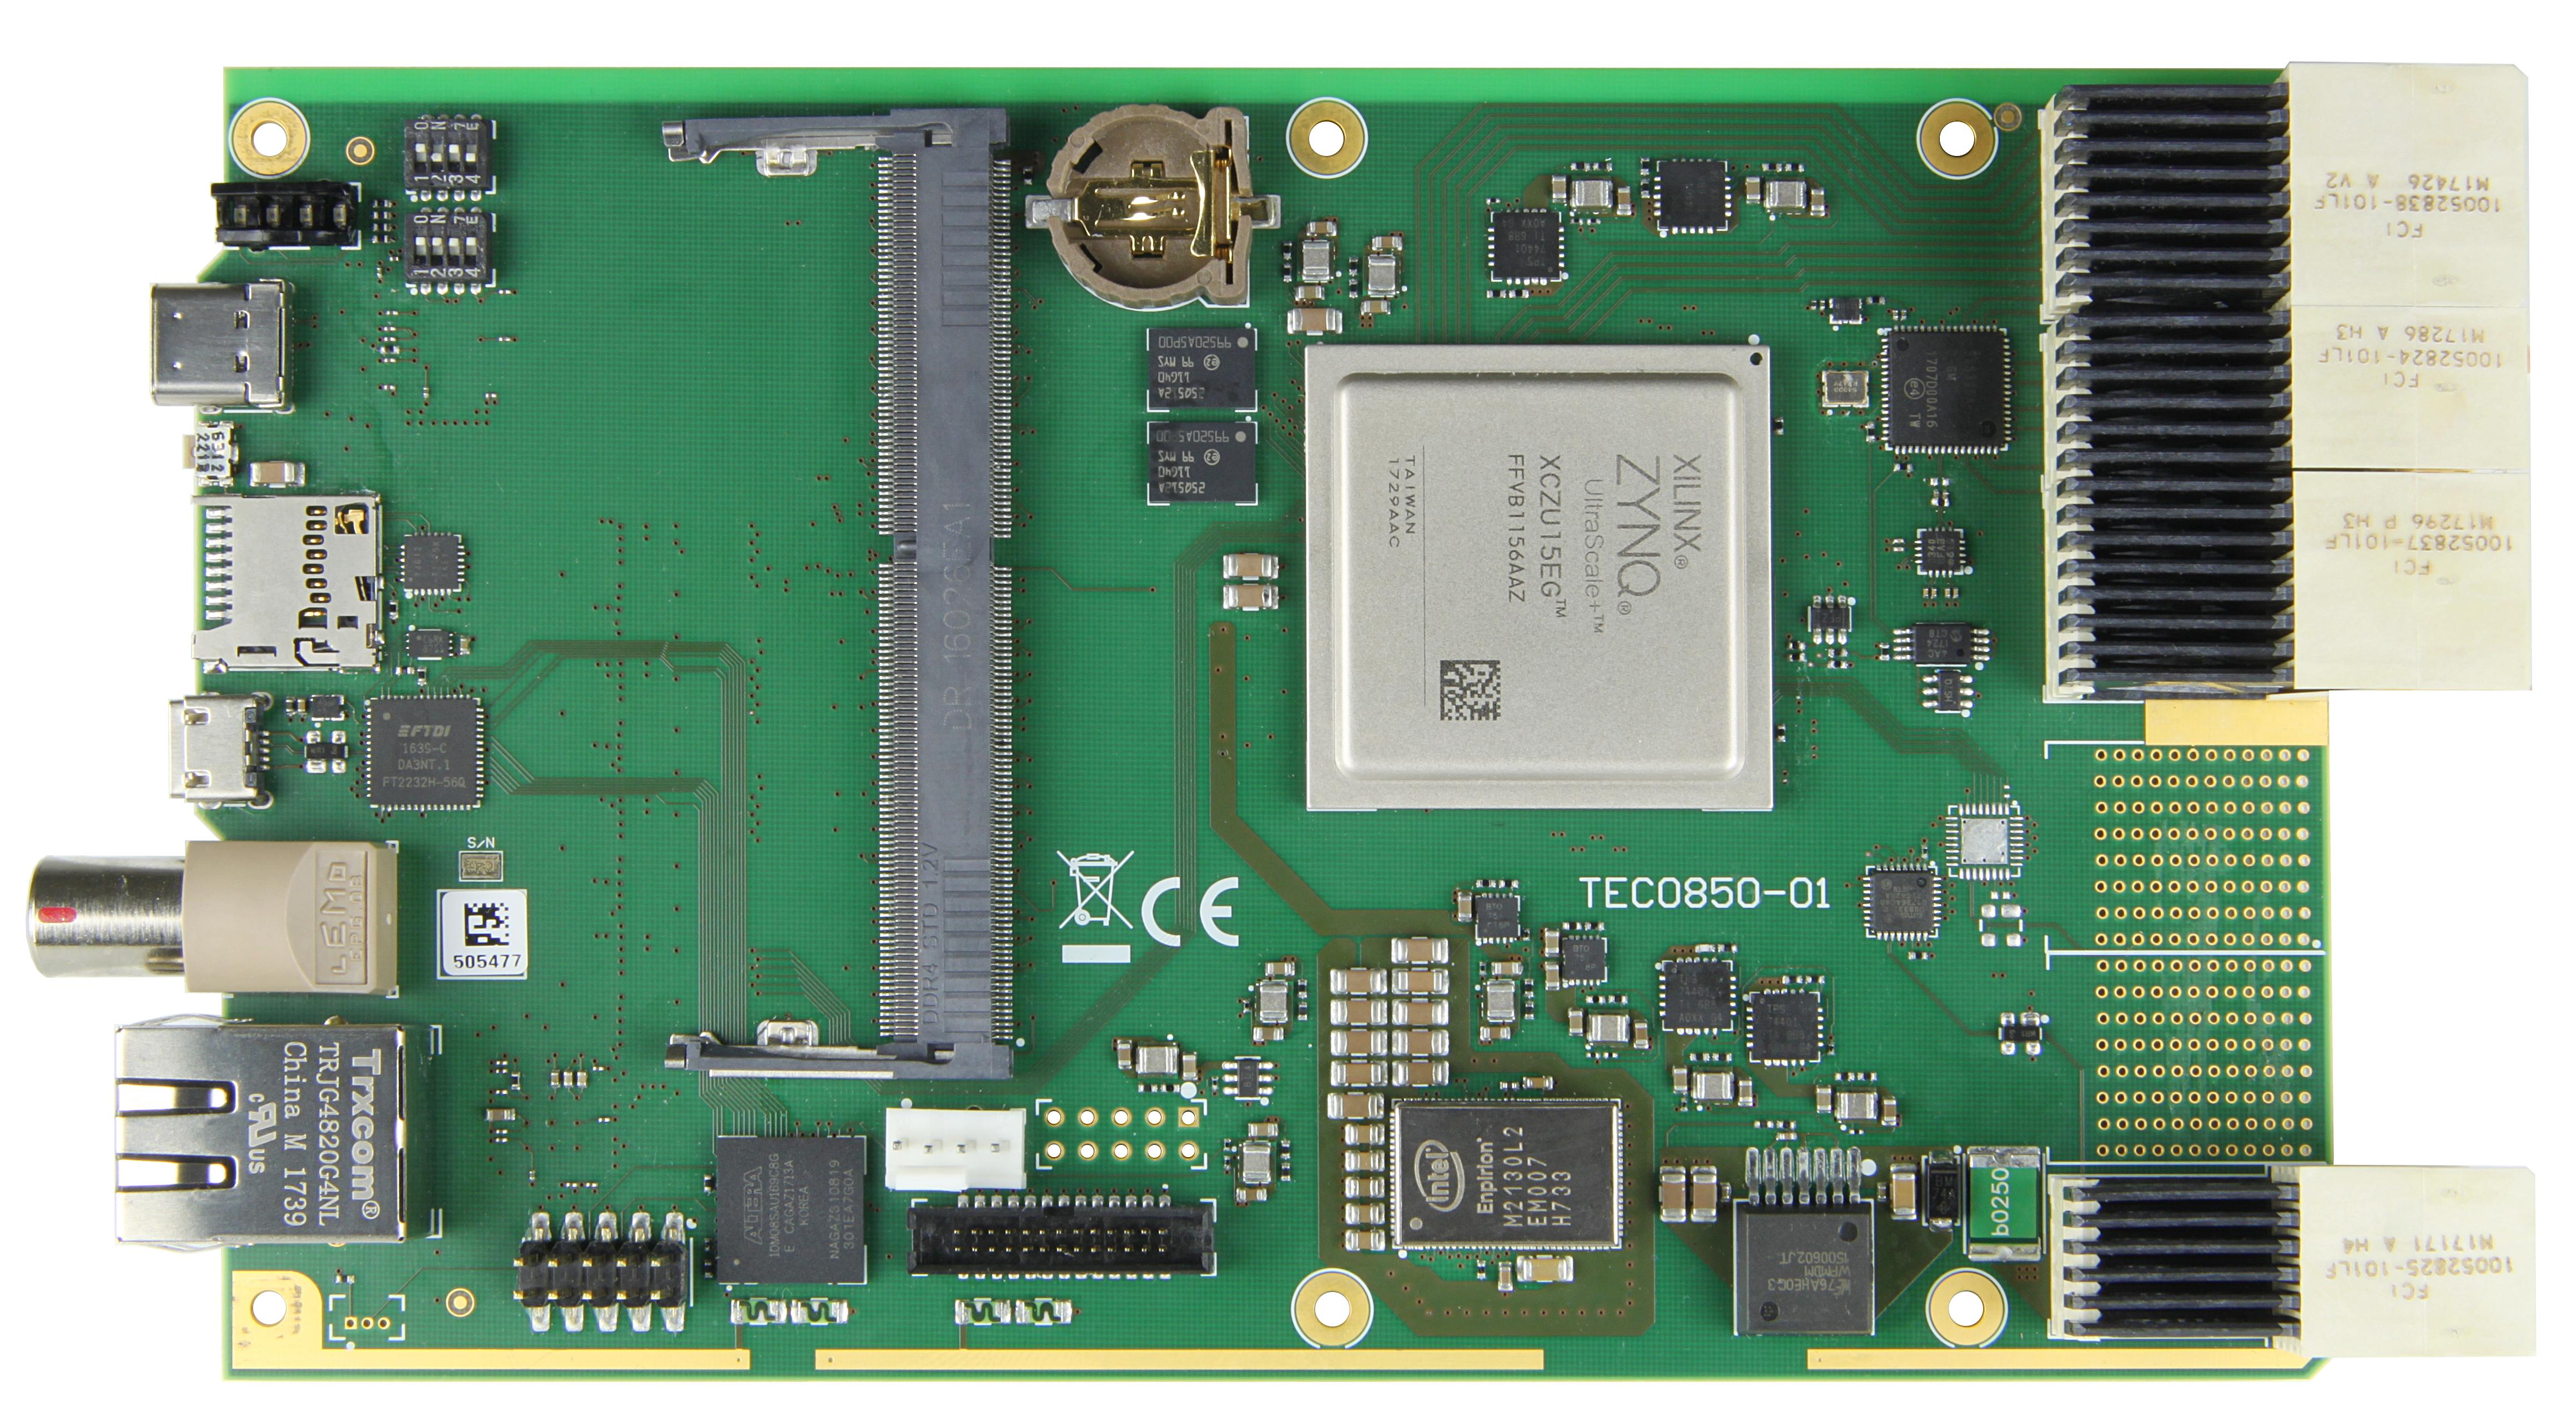 TE0705 - Simplified carrier board based upon TE0701